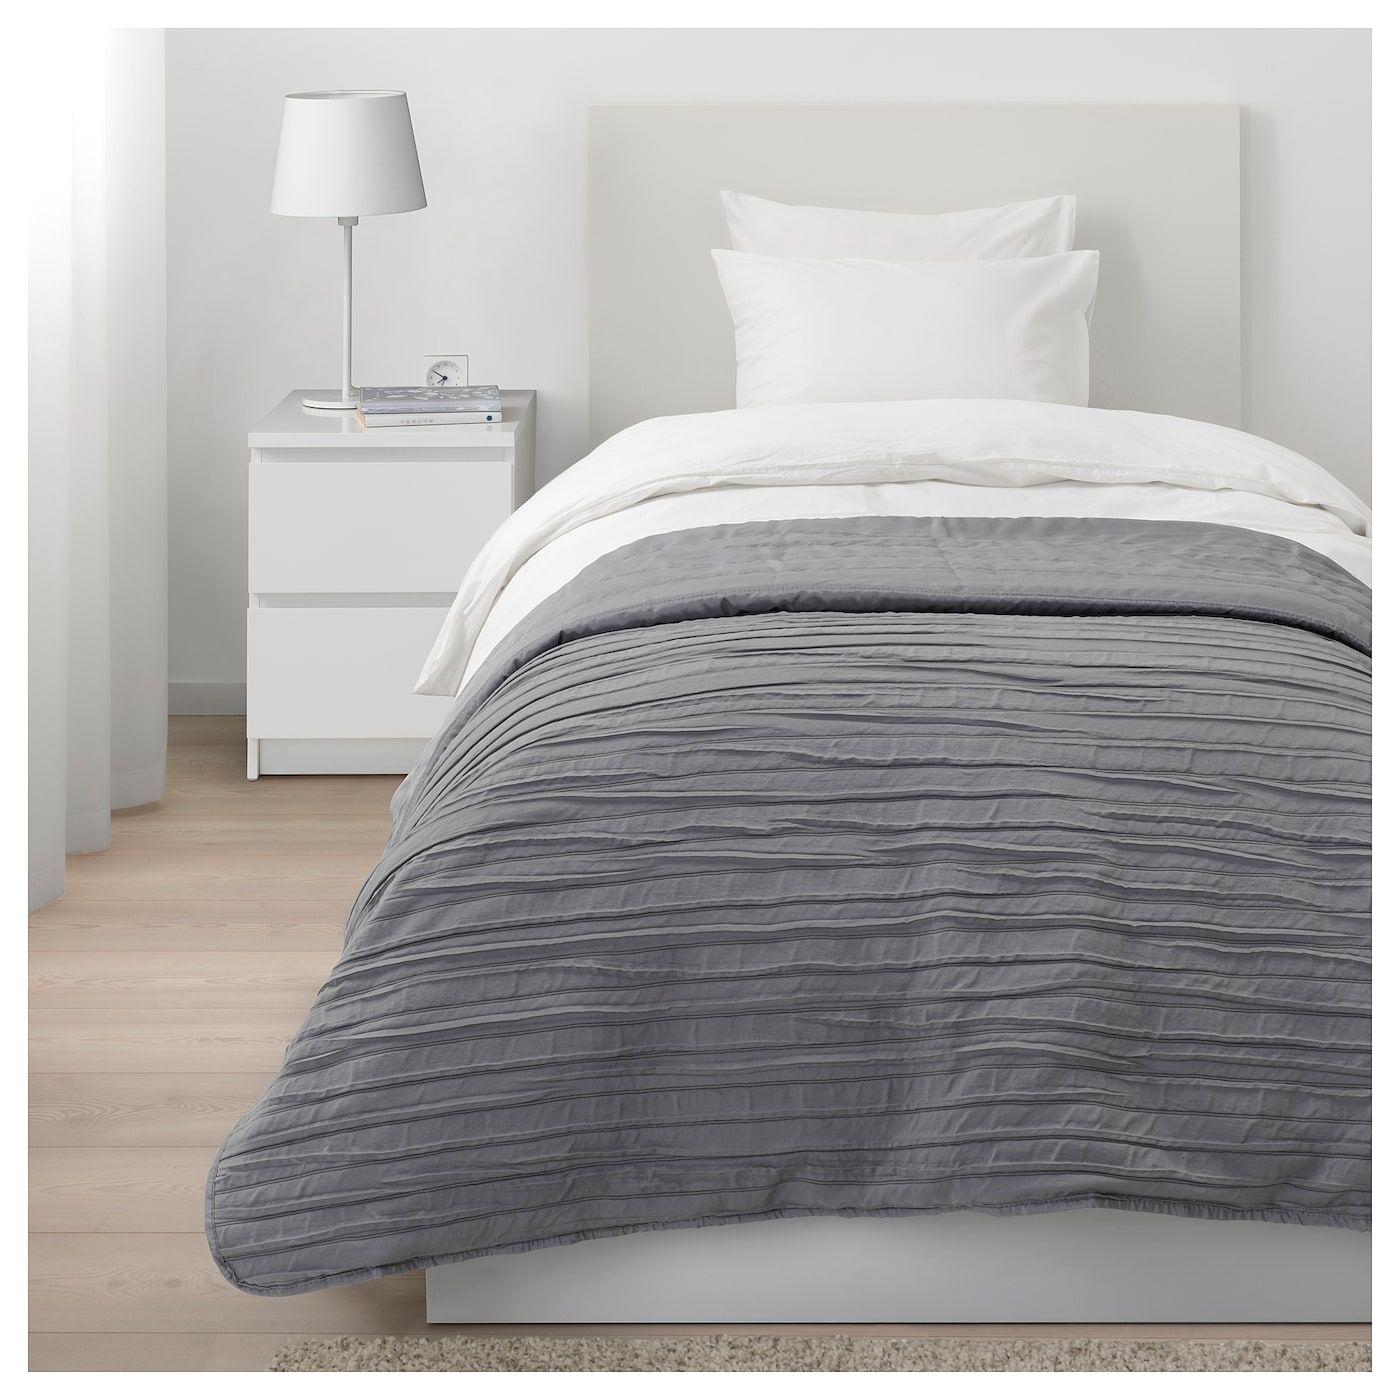 Veketag Tagesdecke Grau Ikea Osterreich Tagesdecke Grau